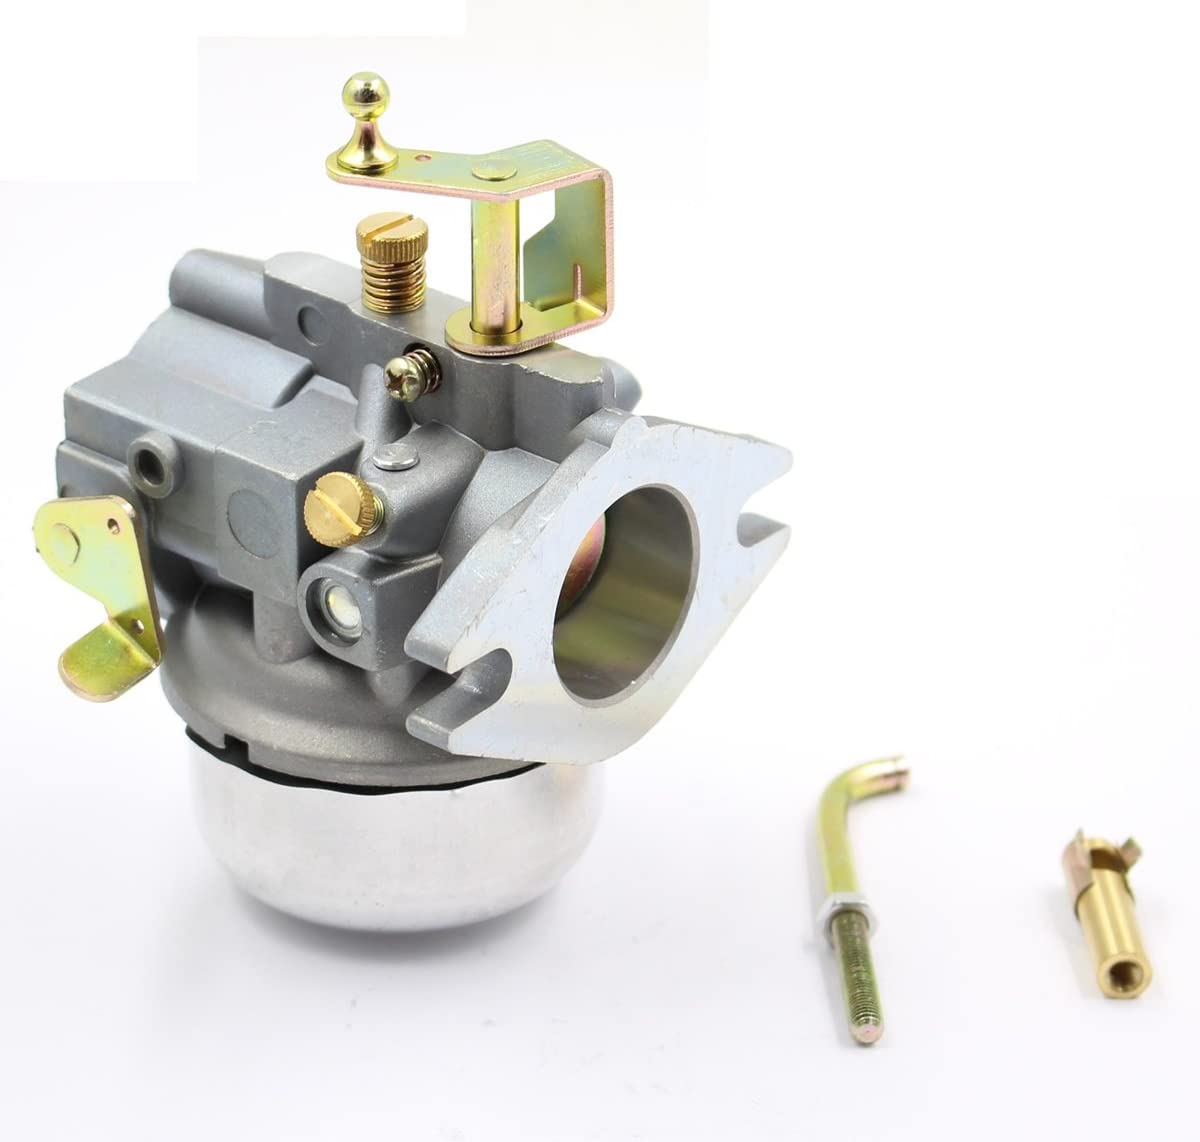 For Carburetor for Kohler K341 K321 Cast Iron 14HP 16HP Engine Replace #30 Carb